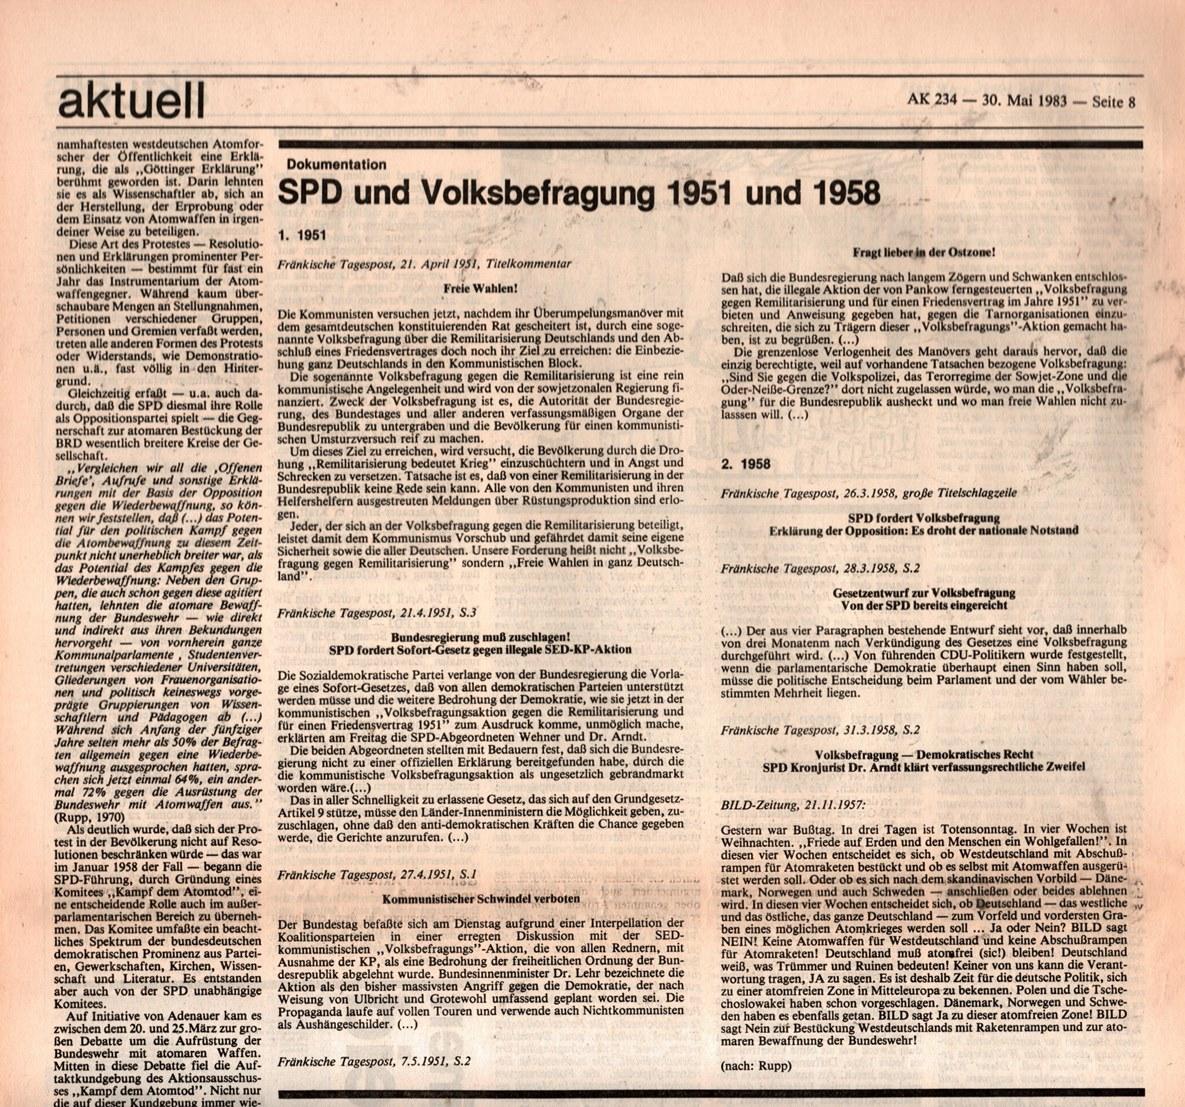 KB_AK_1983_234_015